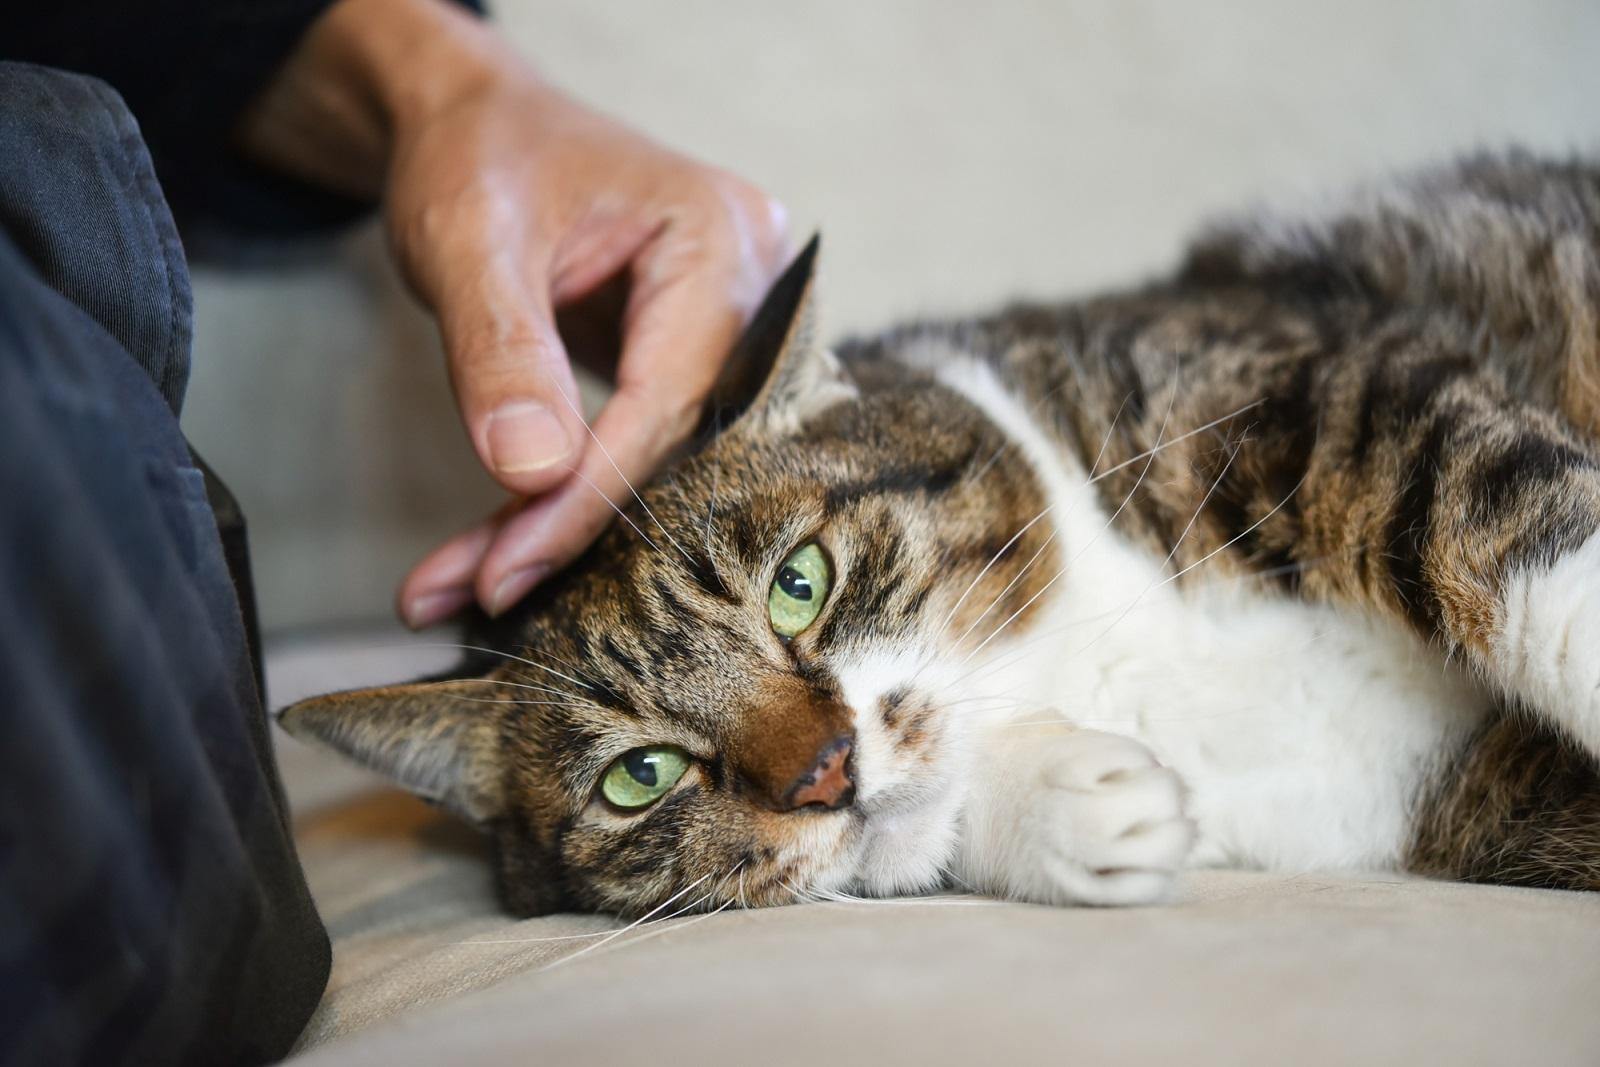 デザイナー&編集者・籾山ご夫妻の愛猫「トラ」